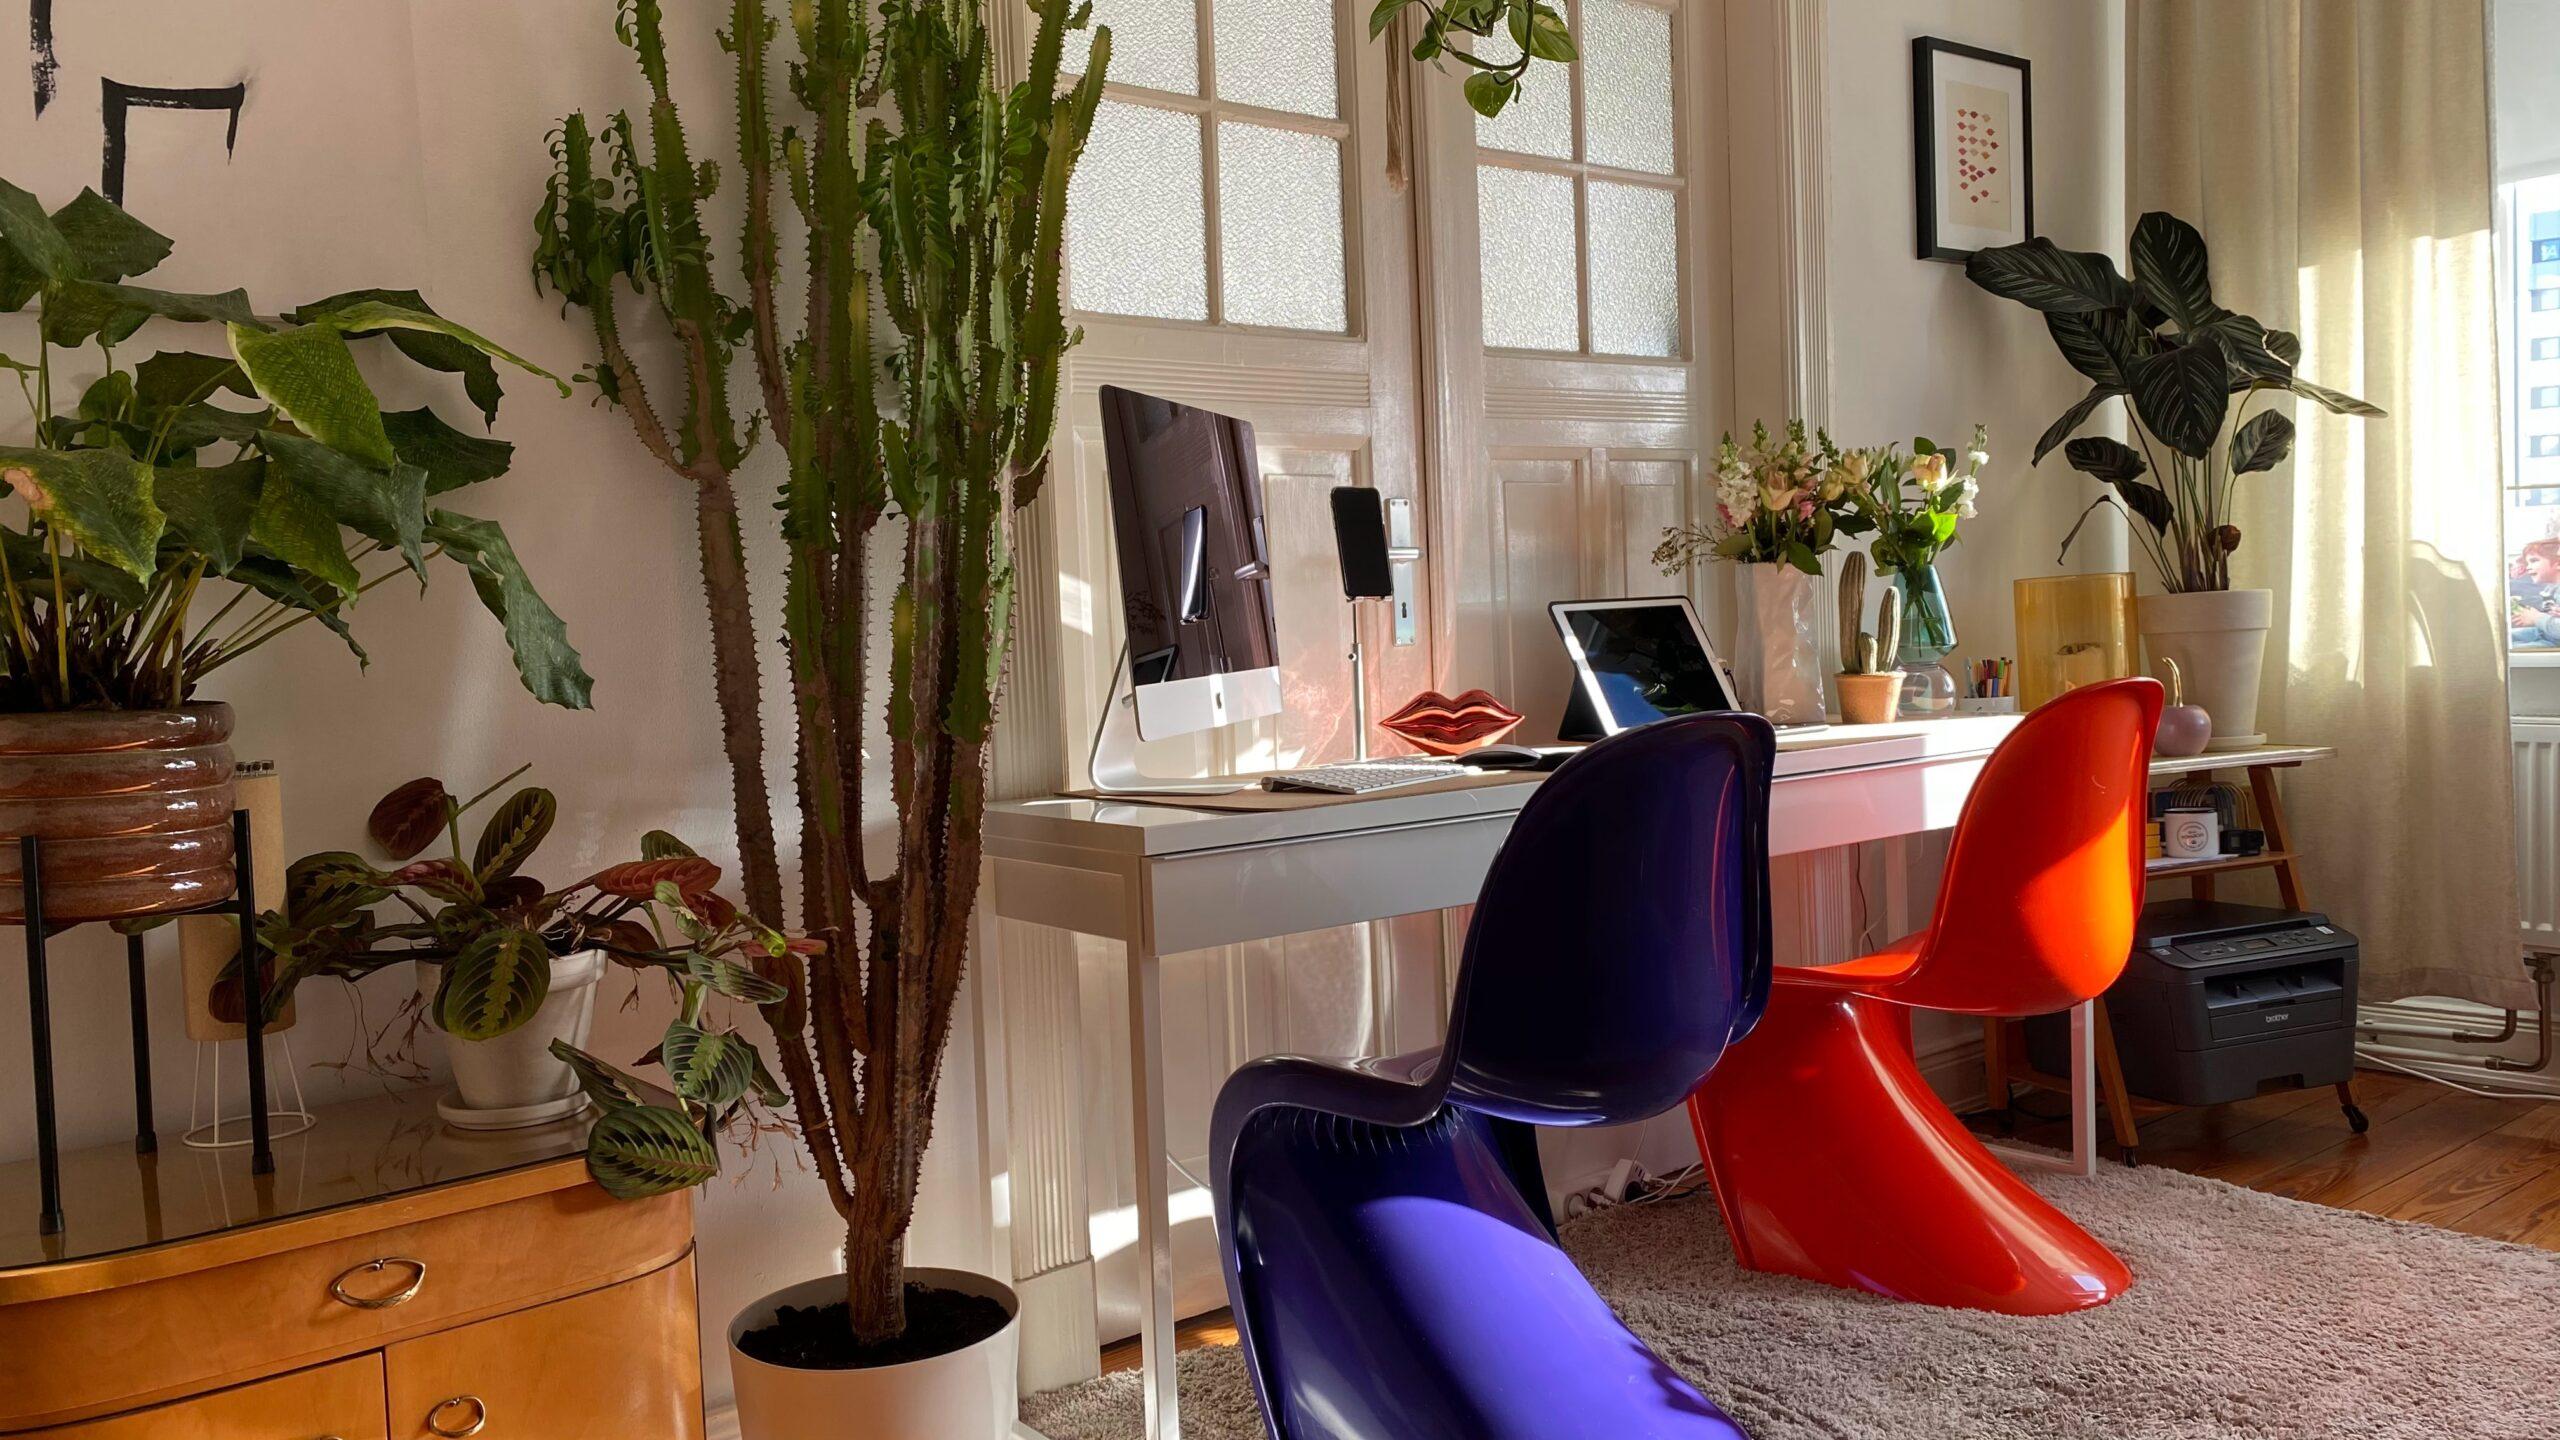 オフィスデザインを変える方法②:オフィスインテリアを変えてみる